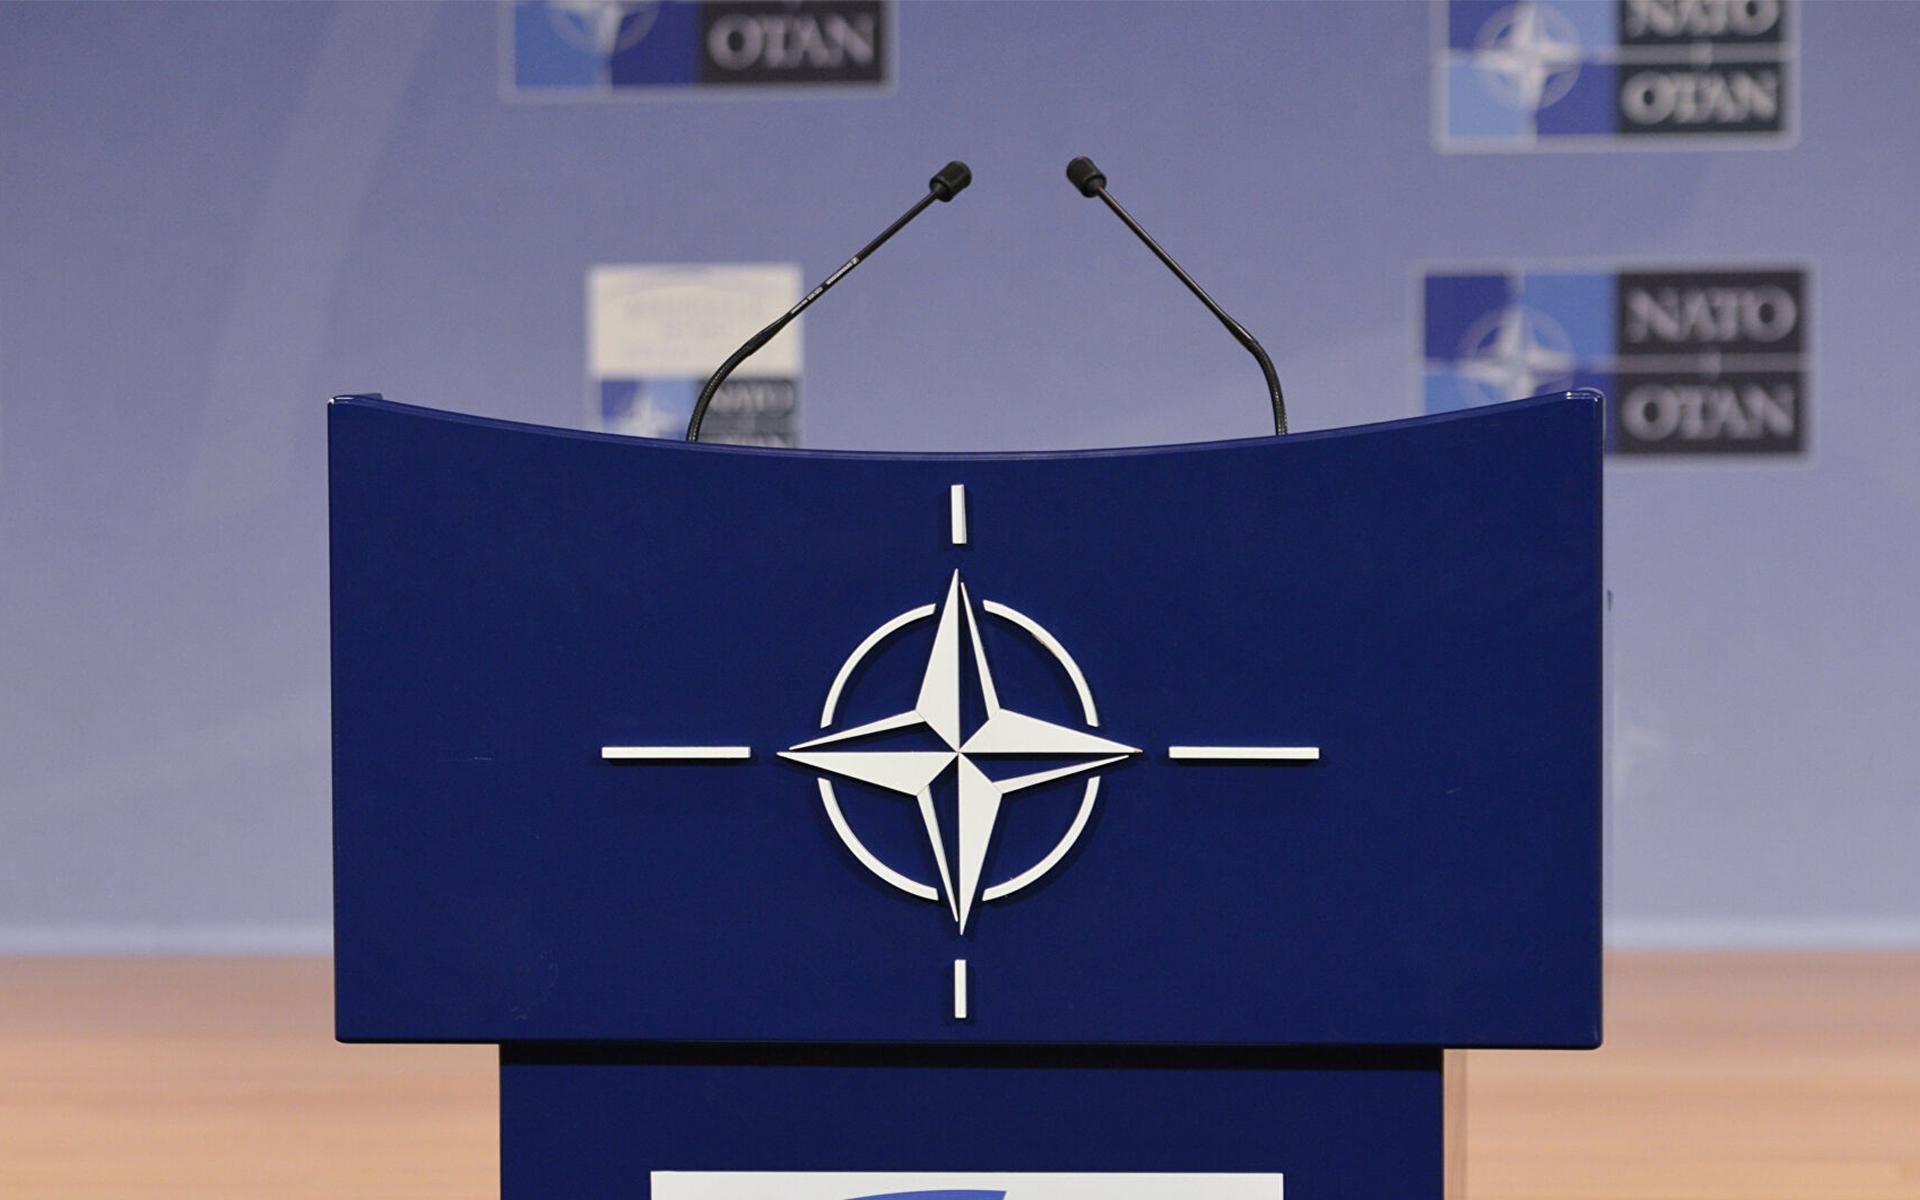 НАТО на пути в 2030 г. – модернизация политического диалога